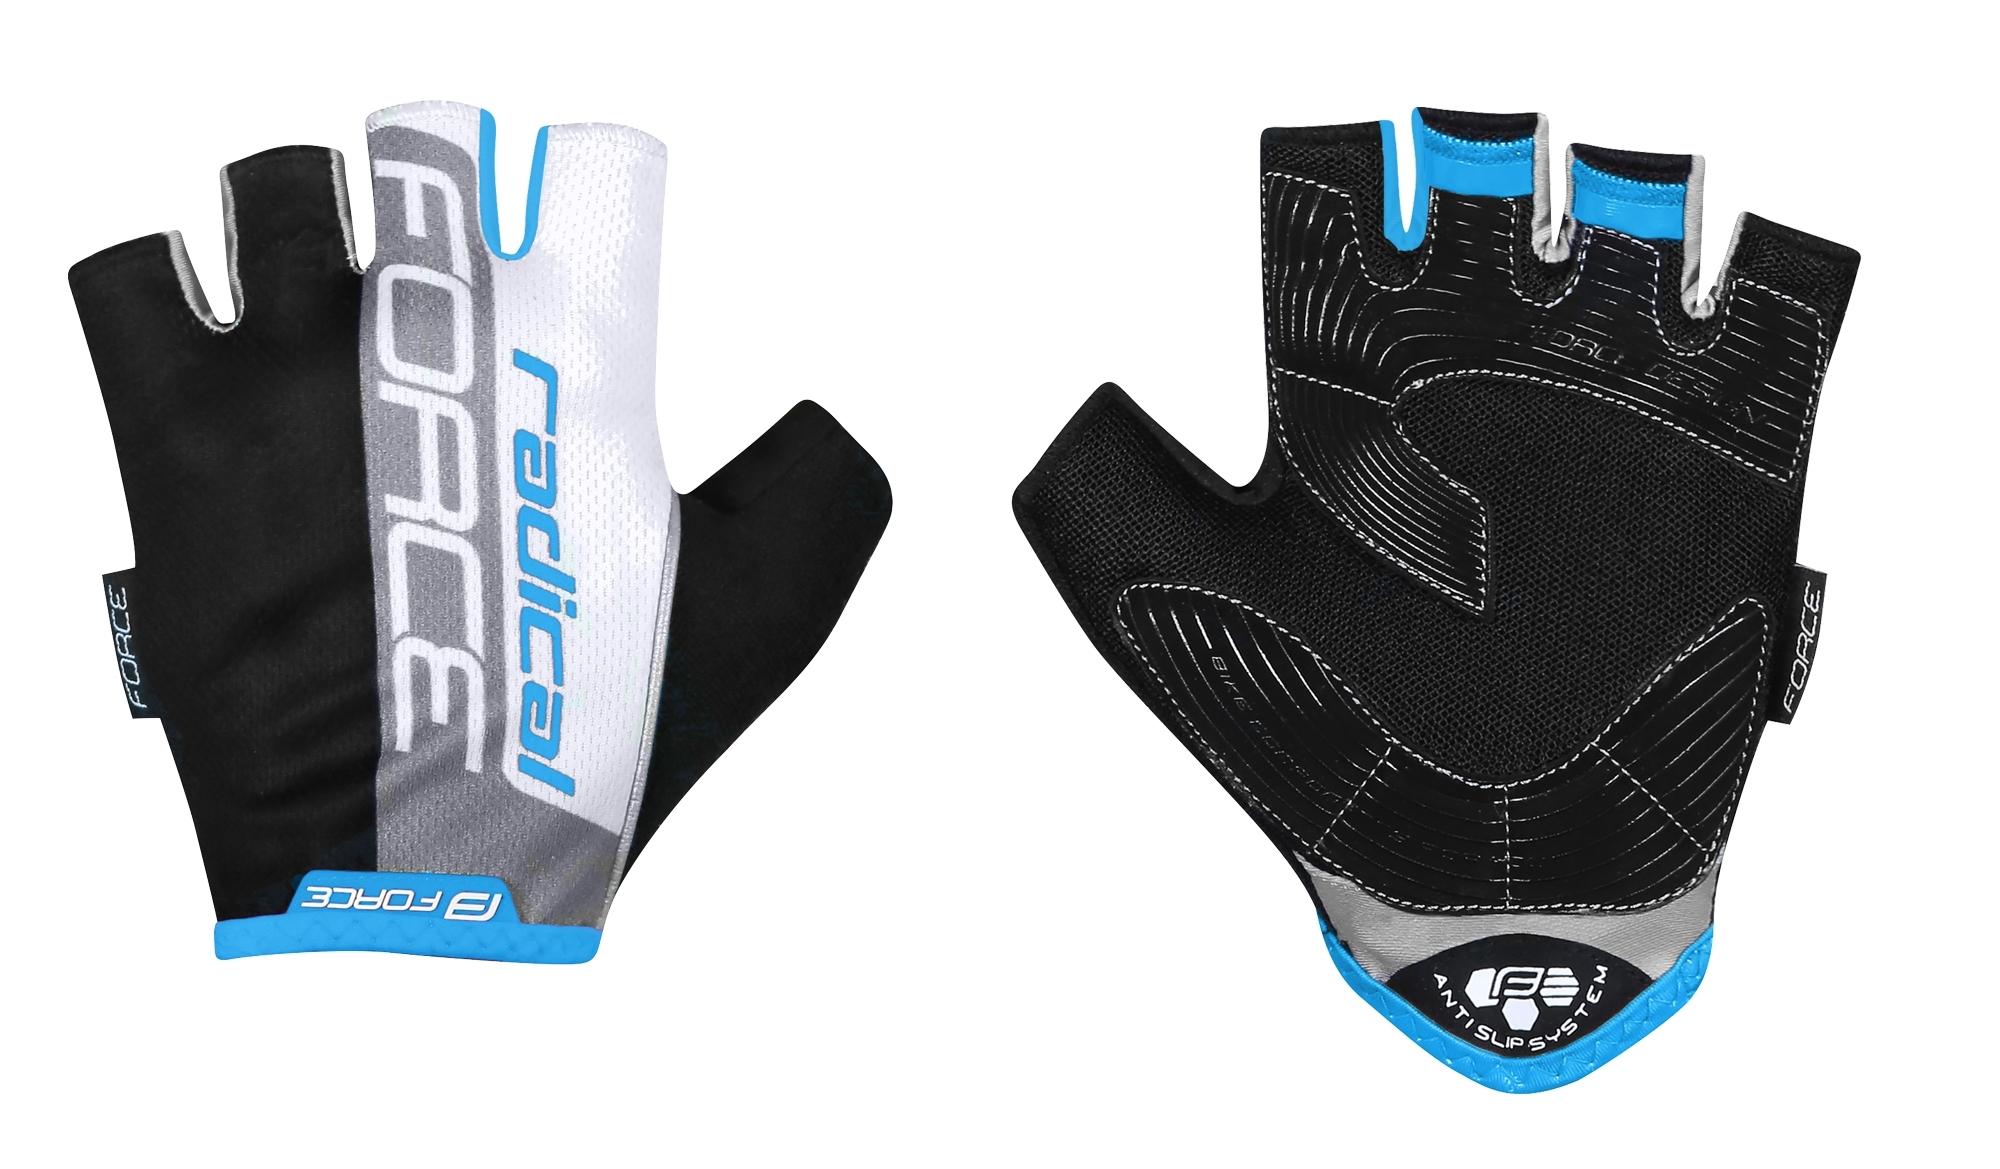 rukavice FORCE RADICAL, černo-bílo-modré XL